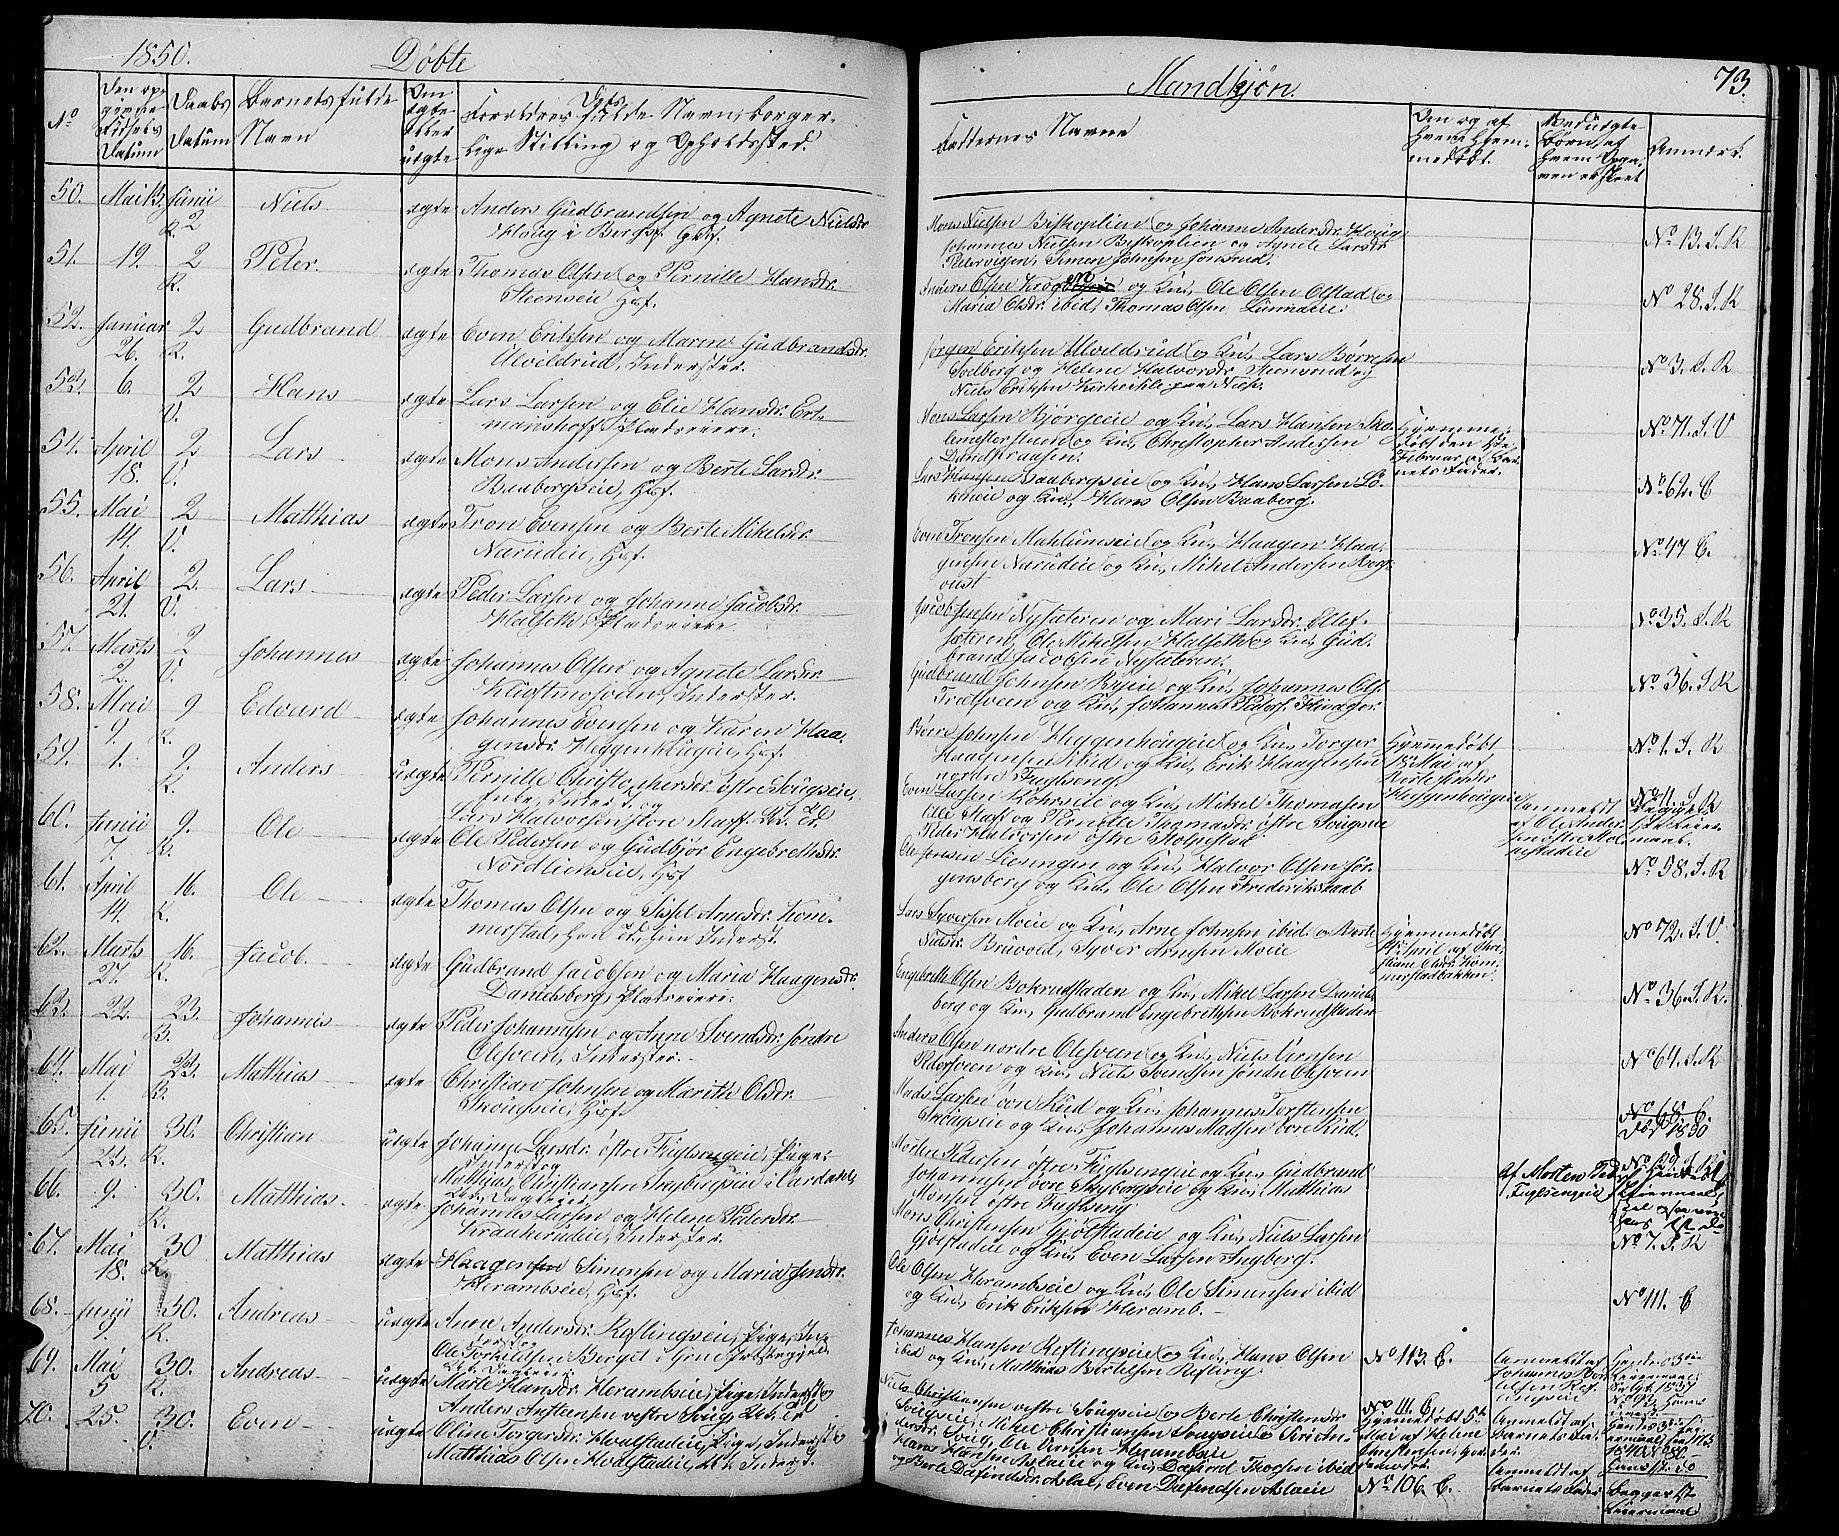 SAH, Ringsaker prestekontor, L/La/L0005: Klokkerbok nr. 5, 1839-1850, s. 73